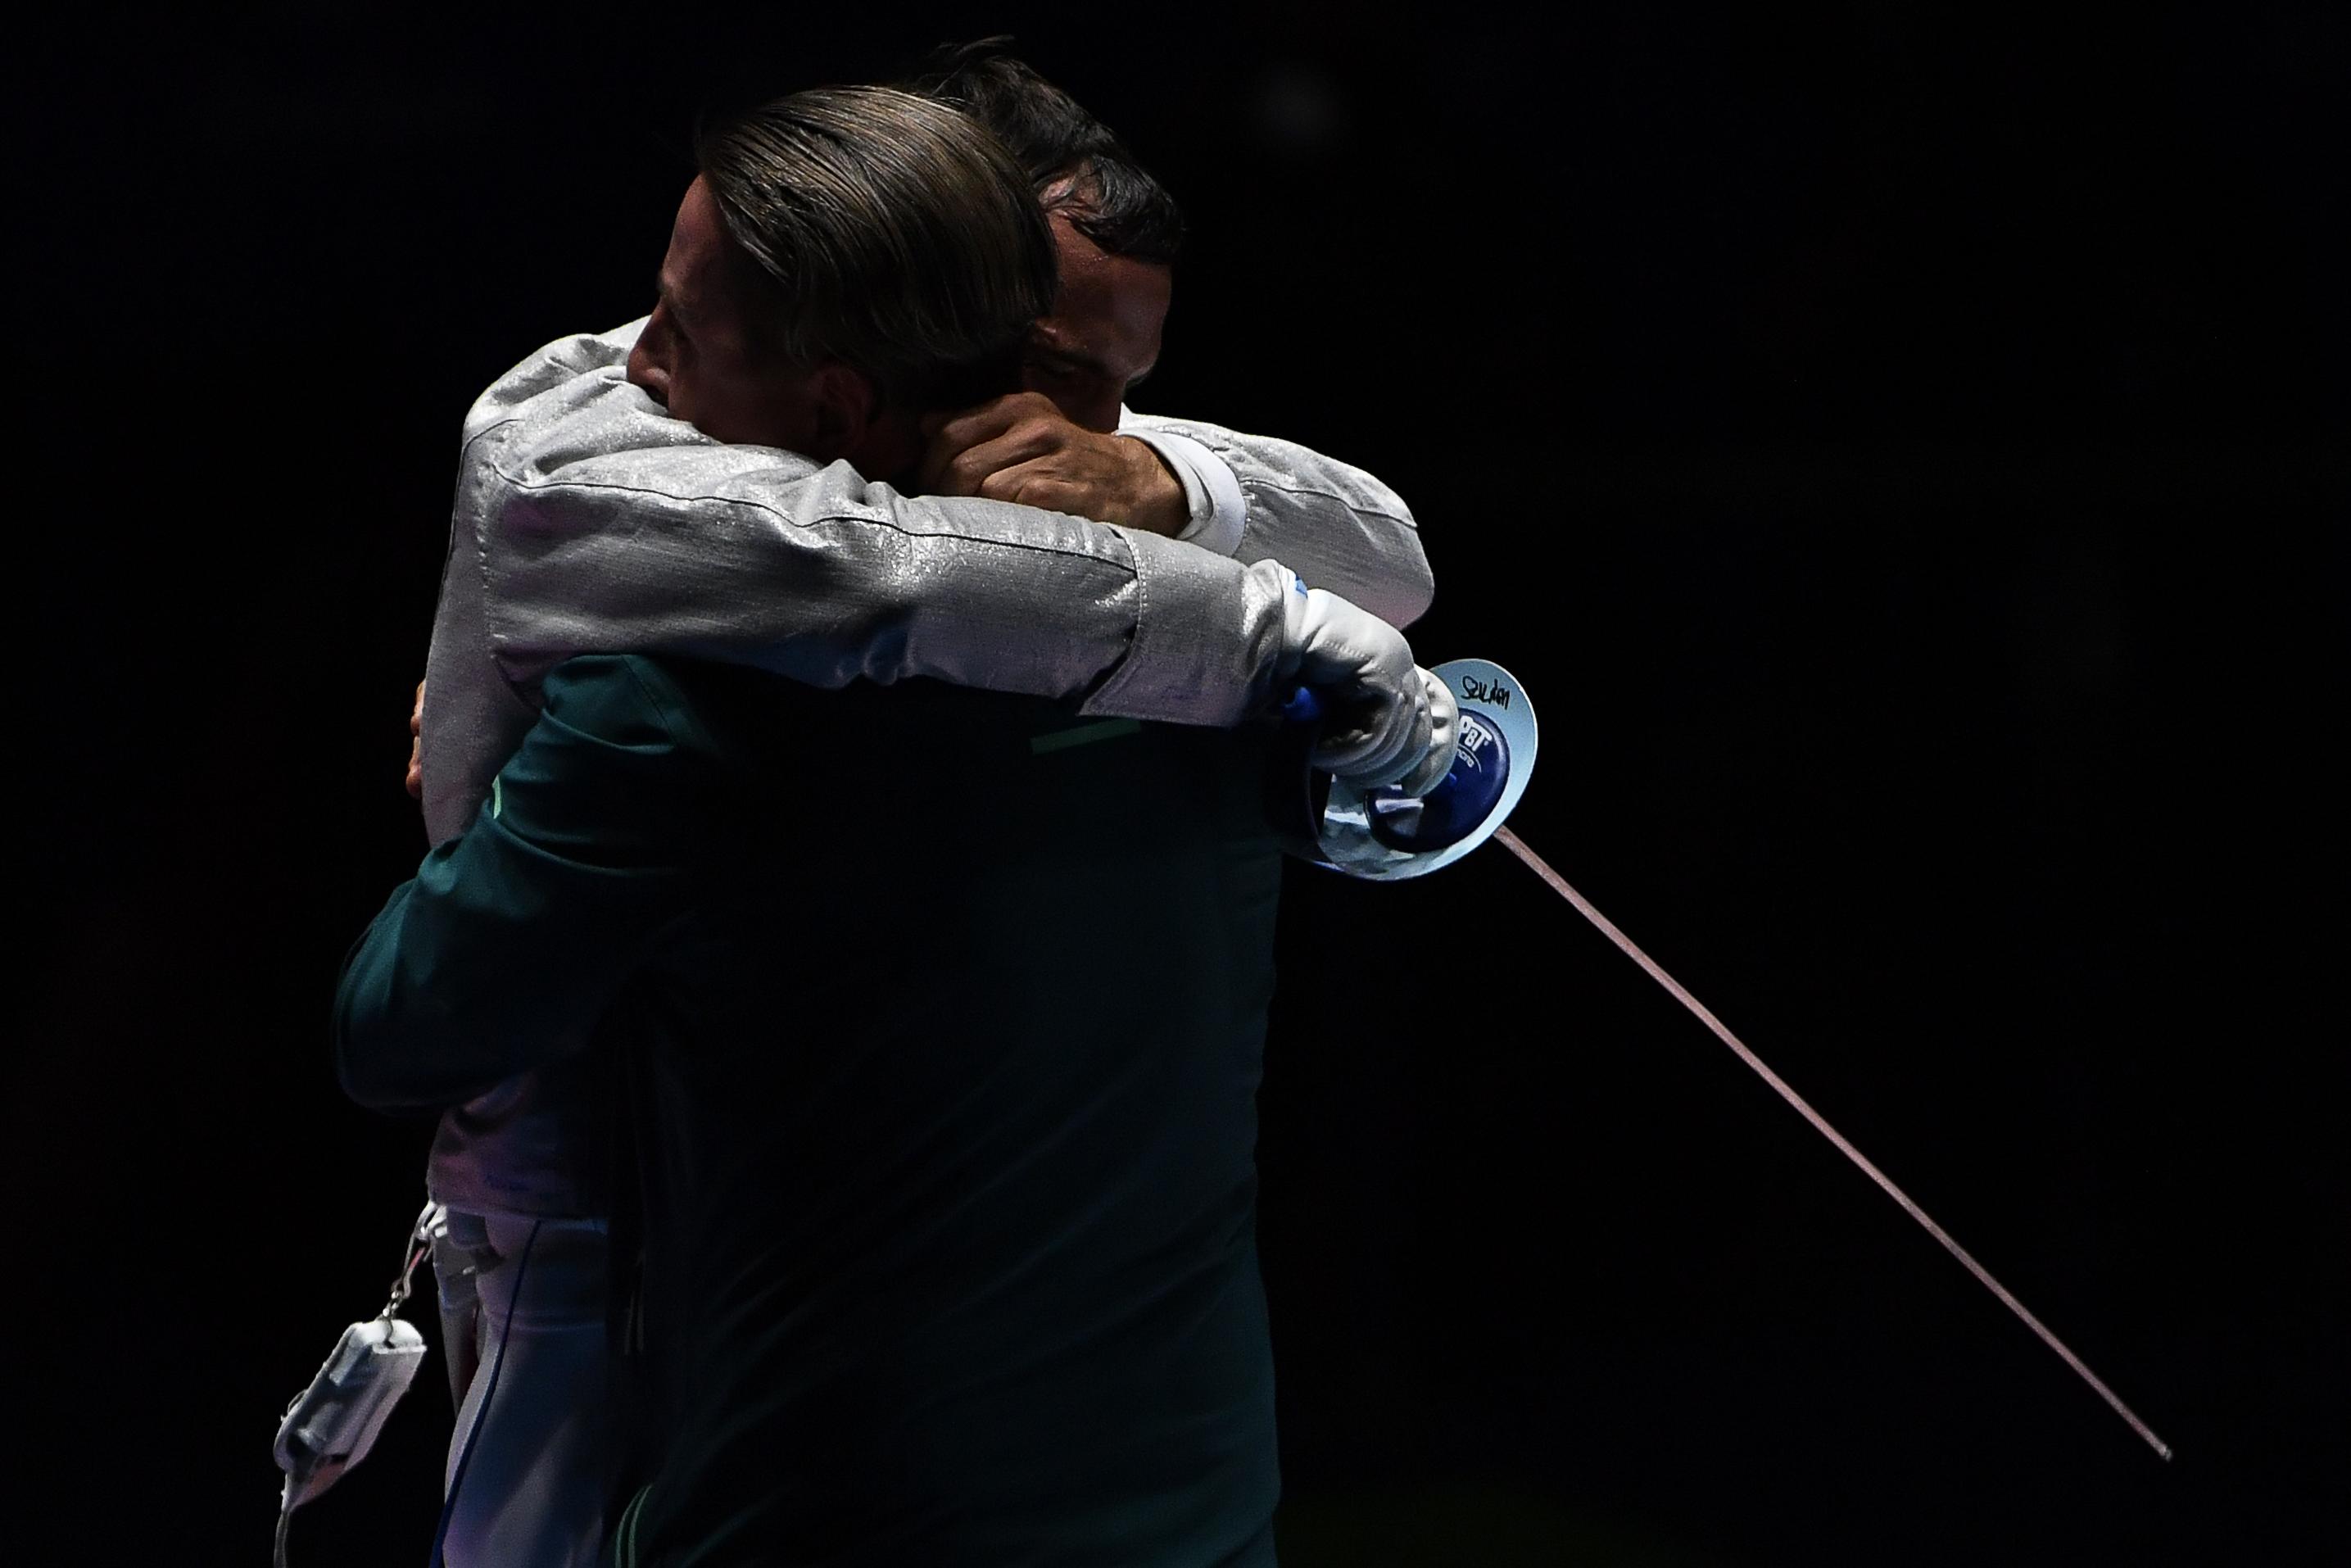 Olimpia 2016: Szilágyi Áron öt arca a győzelem pillanatában